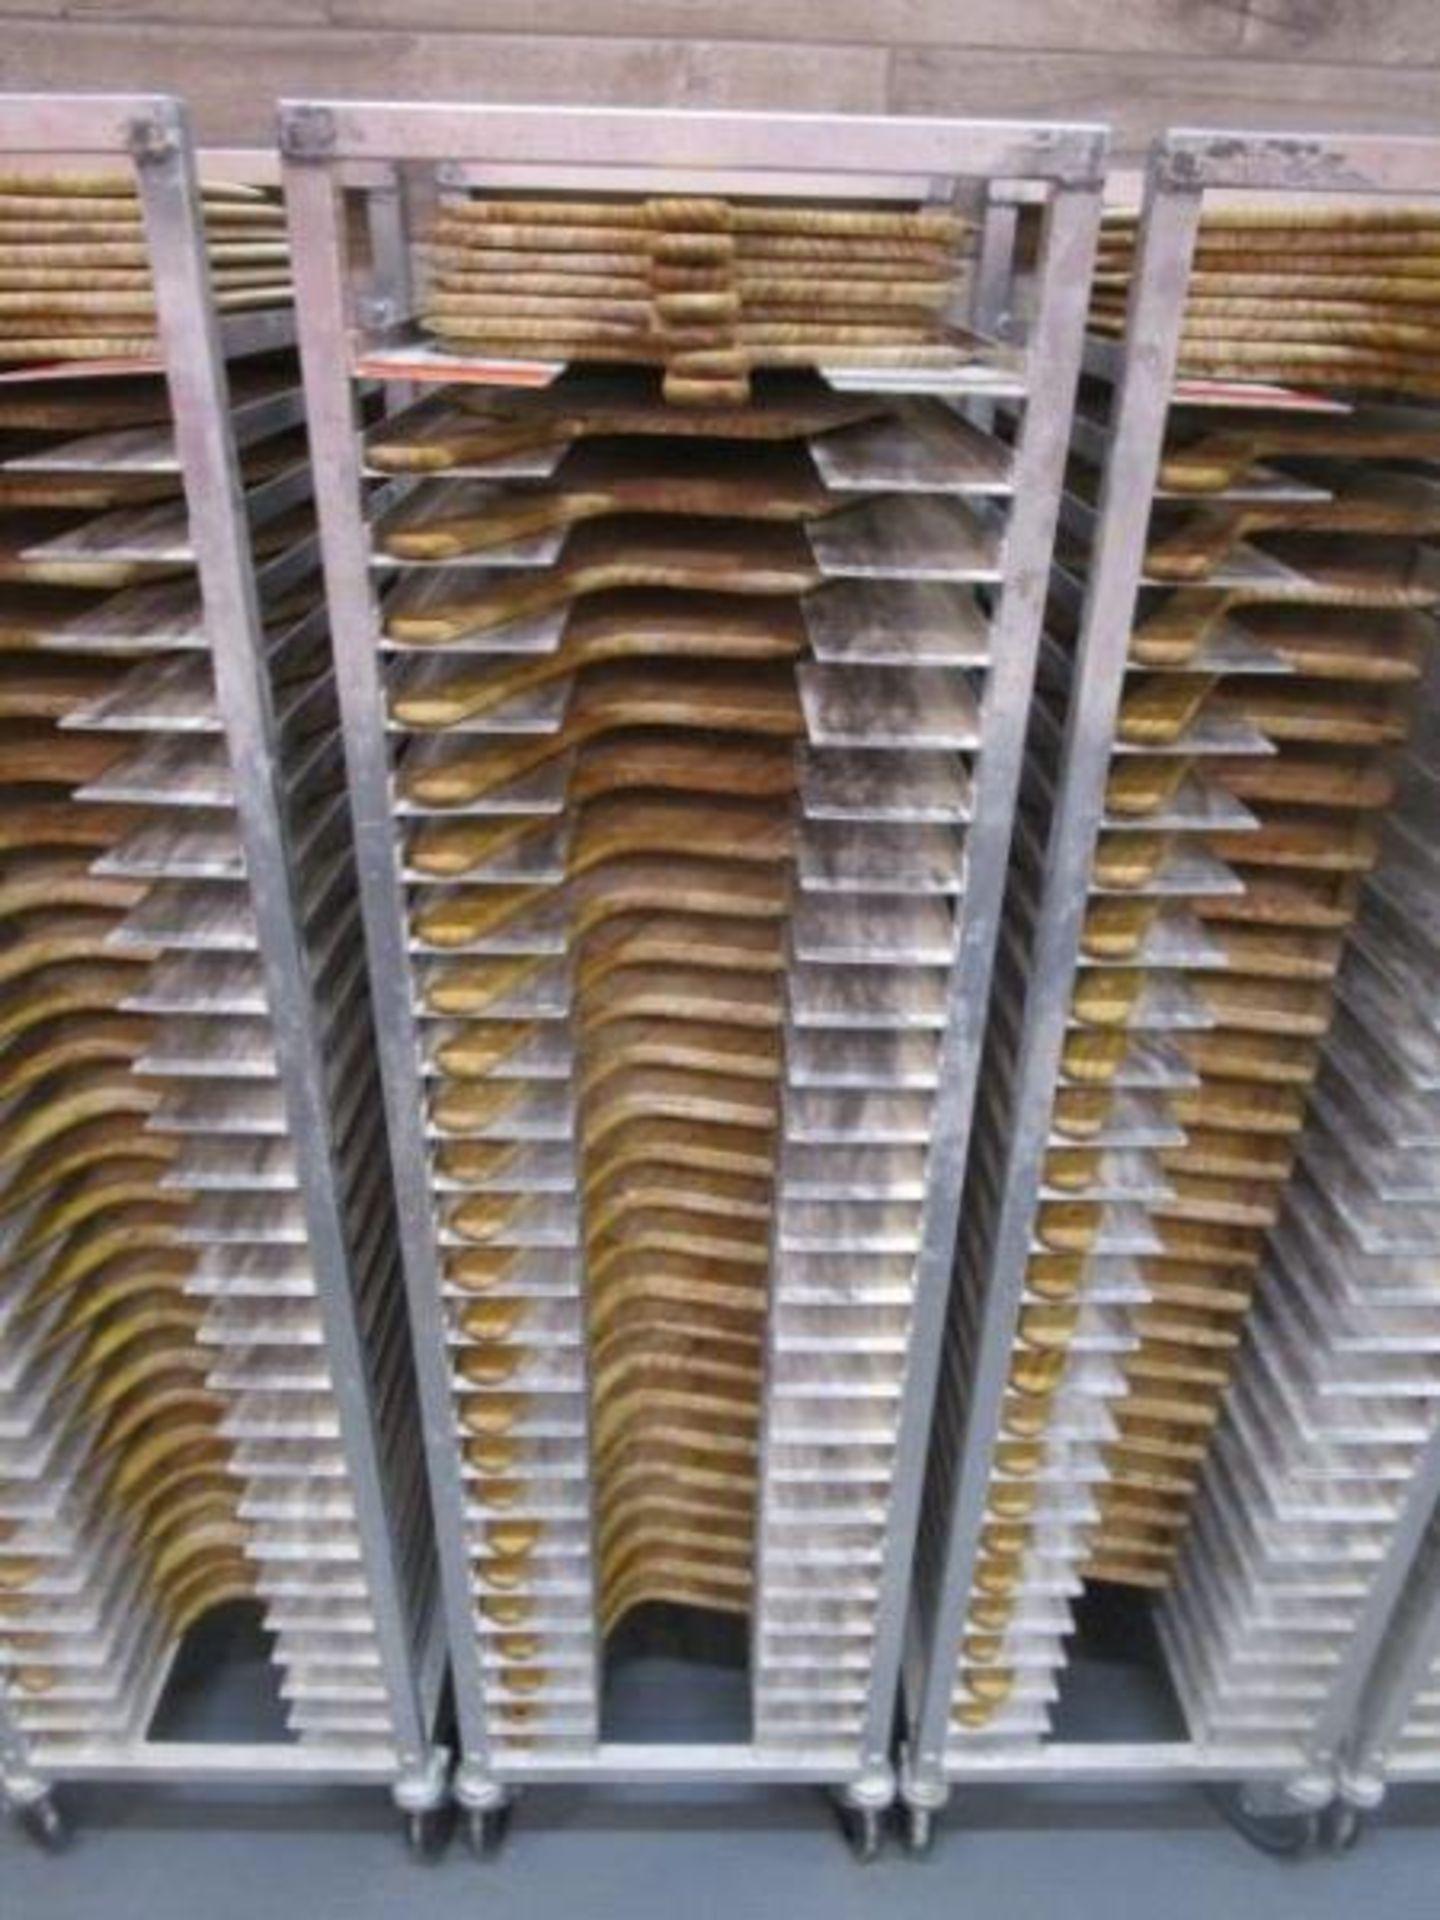 Lot 26 - Sheet Pan Rack by Channel w/ Wood Pizza Peels